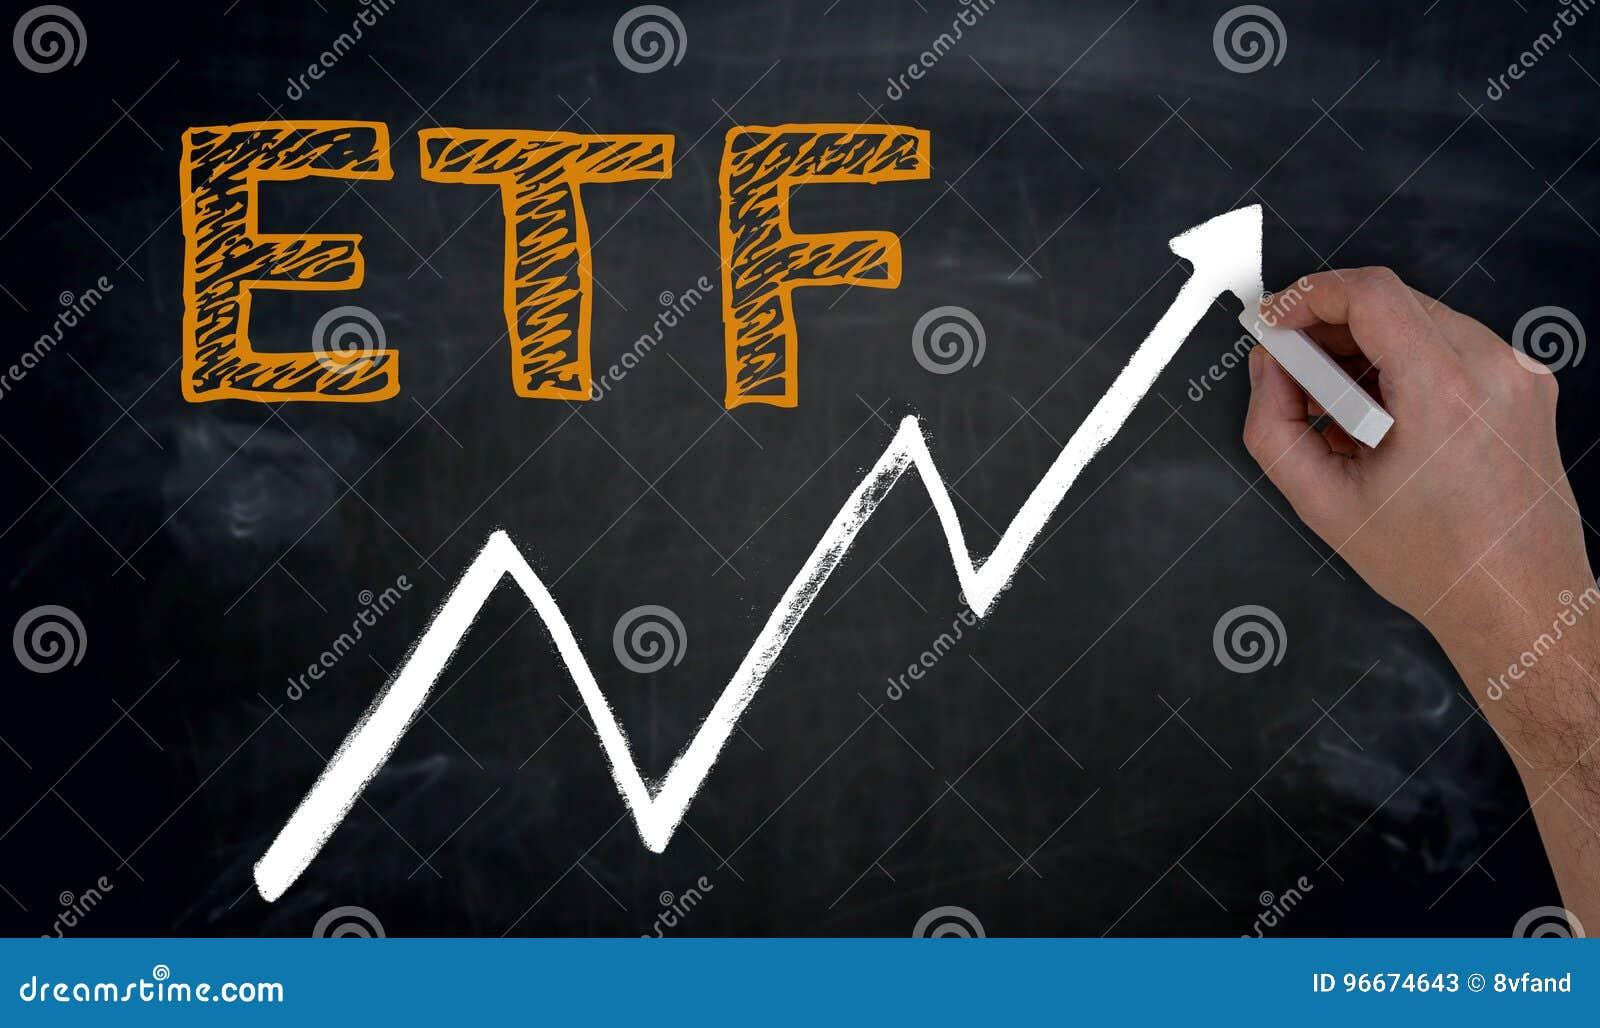 ETF und Diagramm wird eigenhändig auf Tafel geschrieben